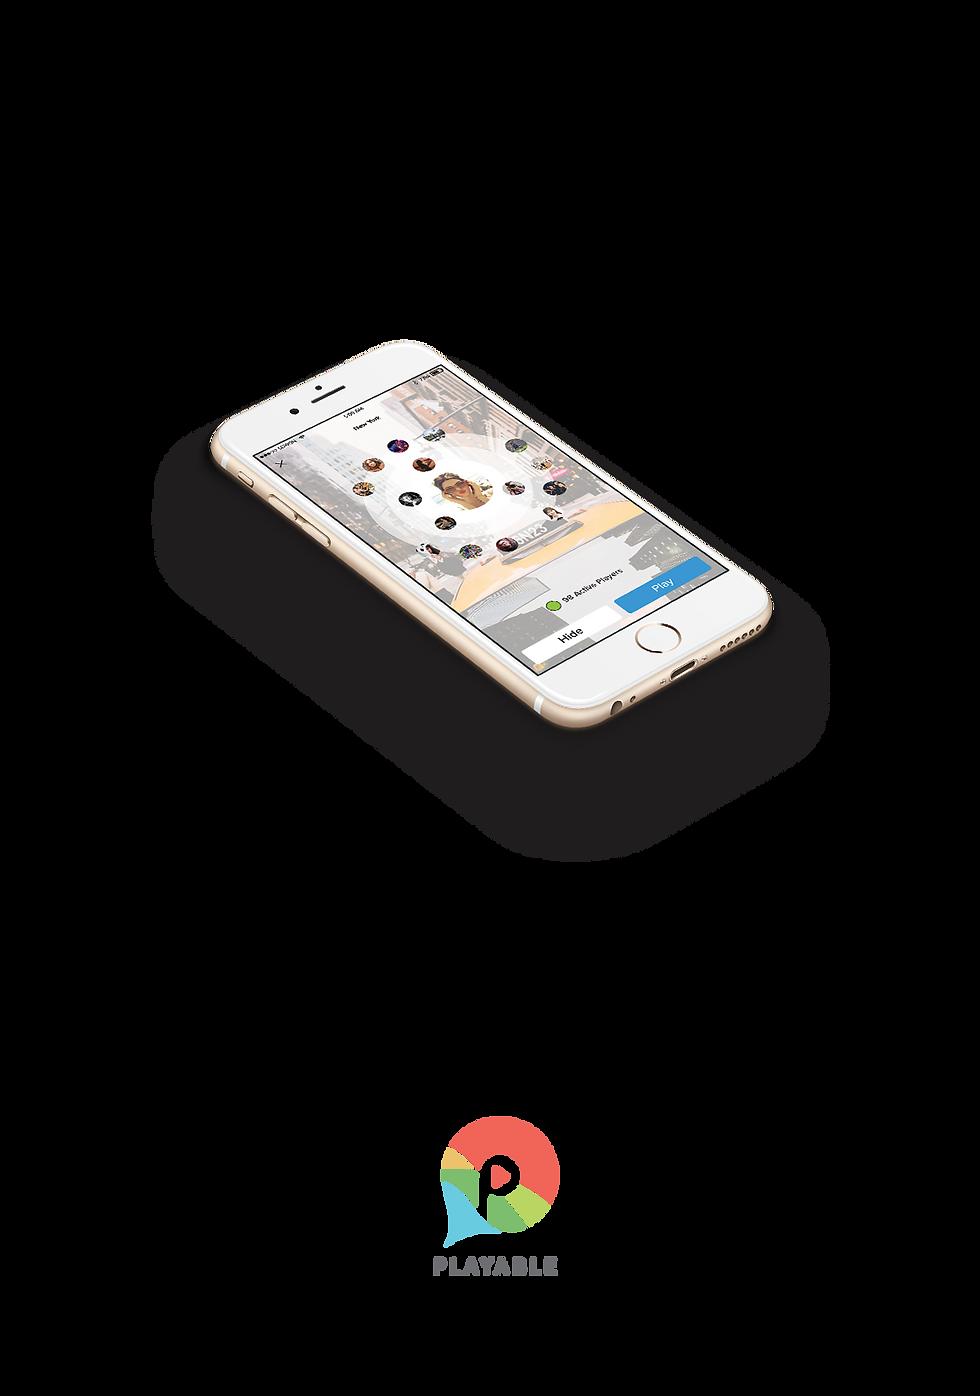 Playable - Conclusion Slide - transparen